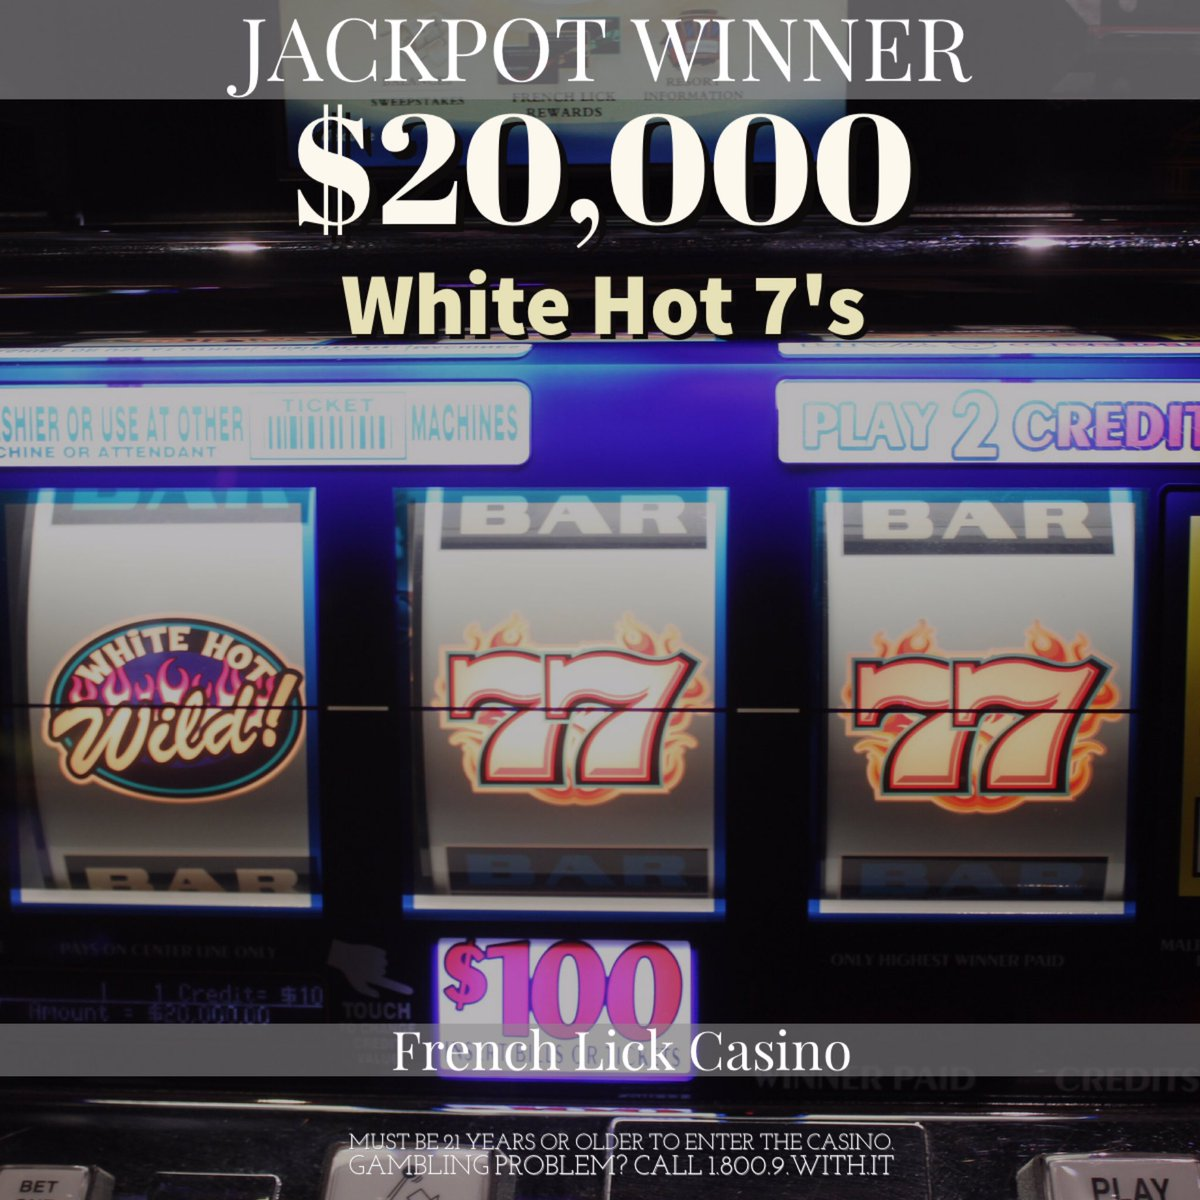 White hot casino casino jokes